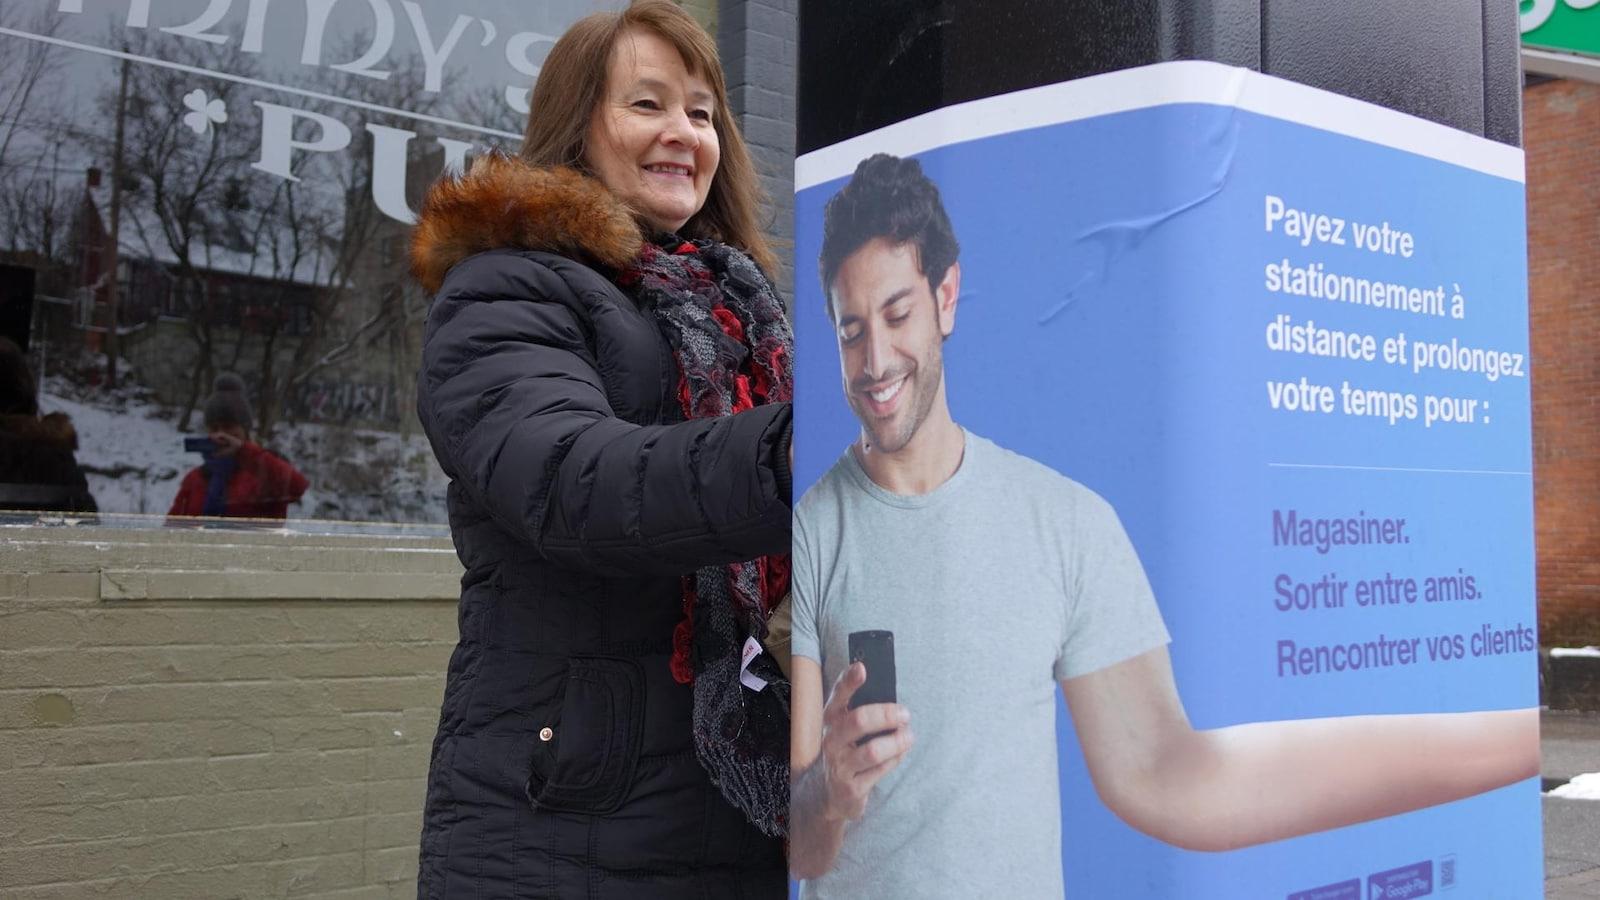 La conseillère municipale Nicole A. Gagnon paie son stationnement dans une borne ou est affichée une publicité pour une nouvelle application